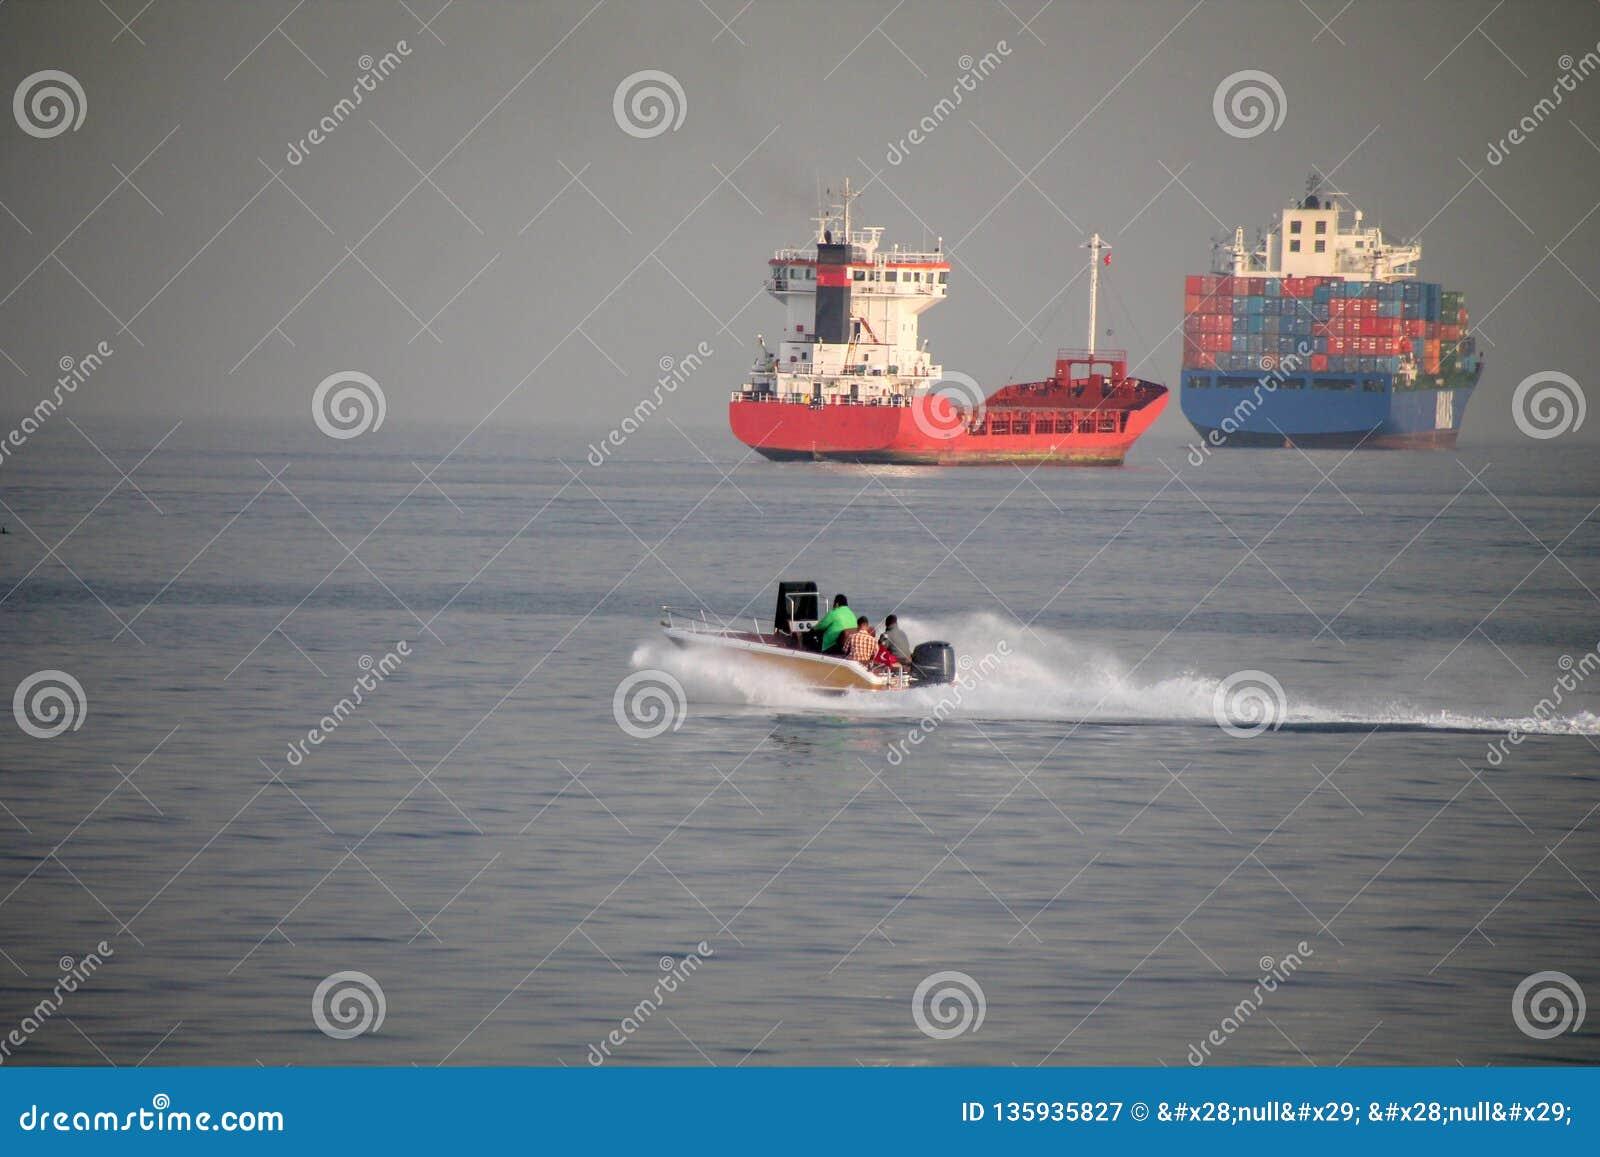 Logistyka importa eksporta tło zbiornika ładunku statek w porcie morskim na niebieskim niebie, frachtowy transport